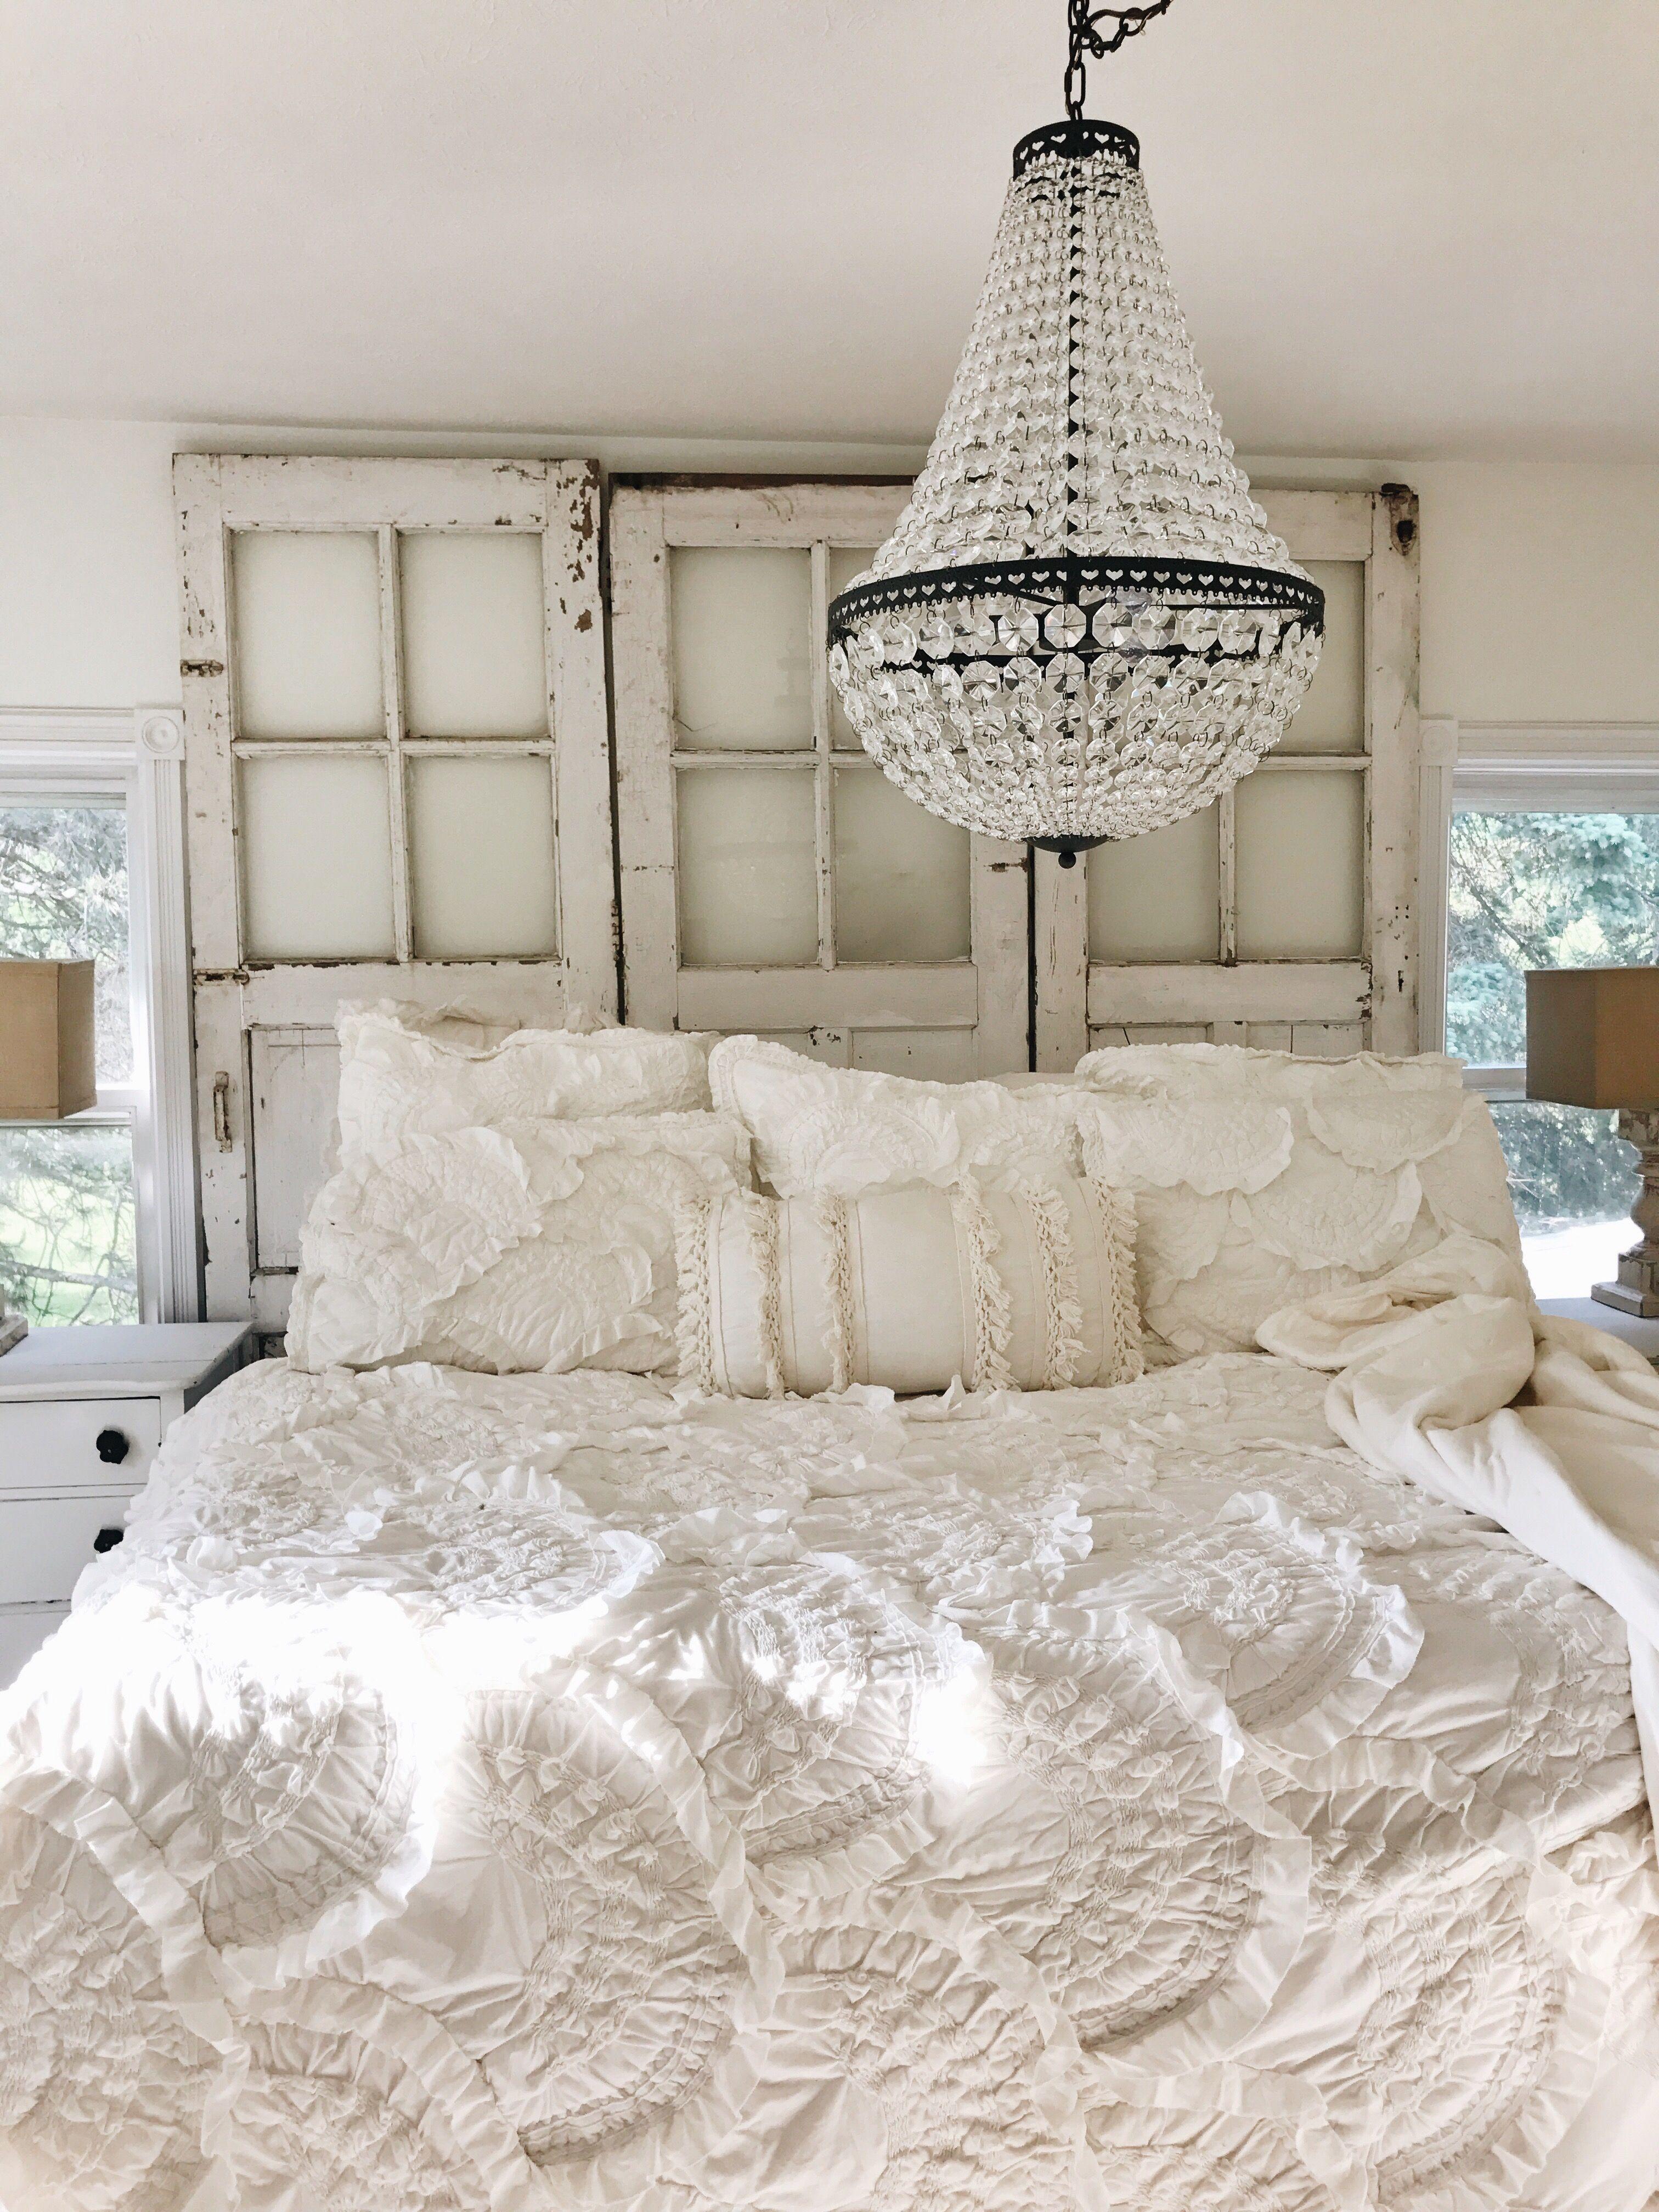 Master bedroom makeover the chandelier master bedroom makeover master bedroom makeover the chandelier liz marie blog mozeypictures Images